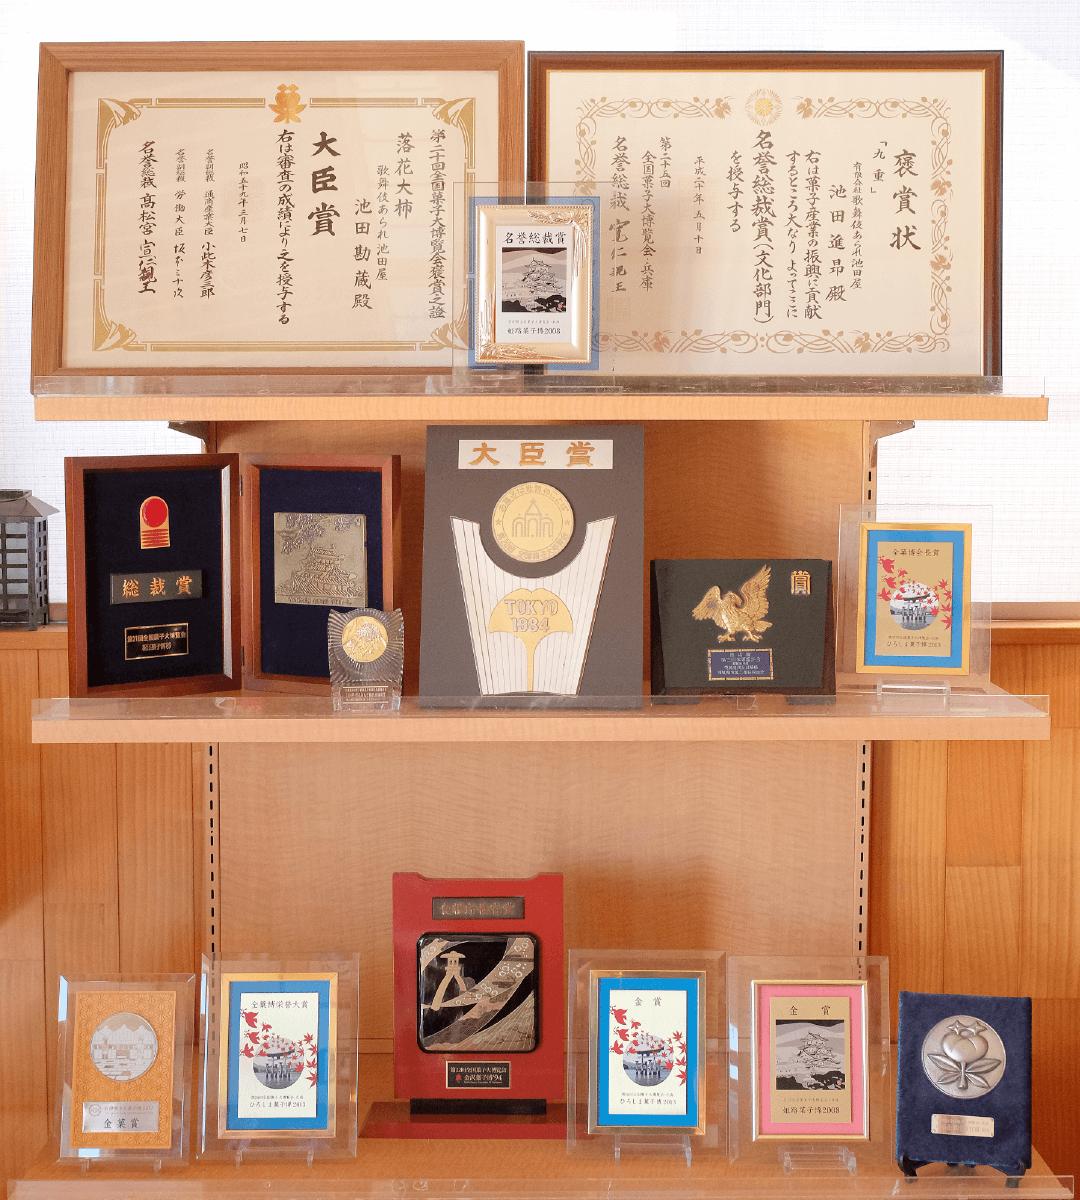 あられとおかき|茨城県取手のあられ・おかき専門店「歌舞伎あられ池田屋」